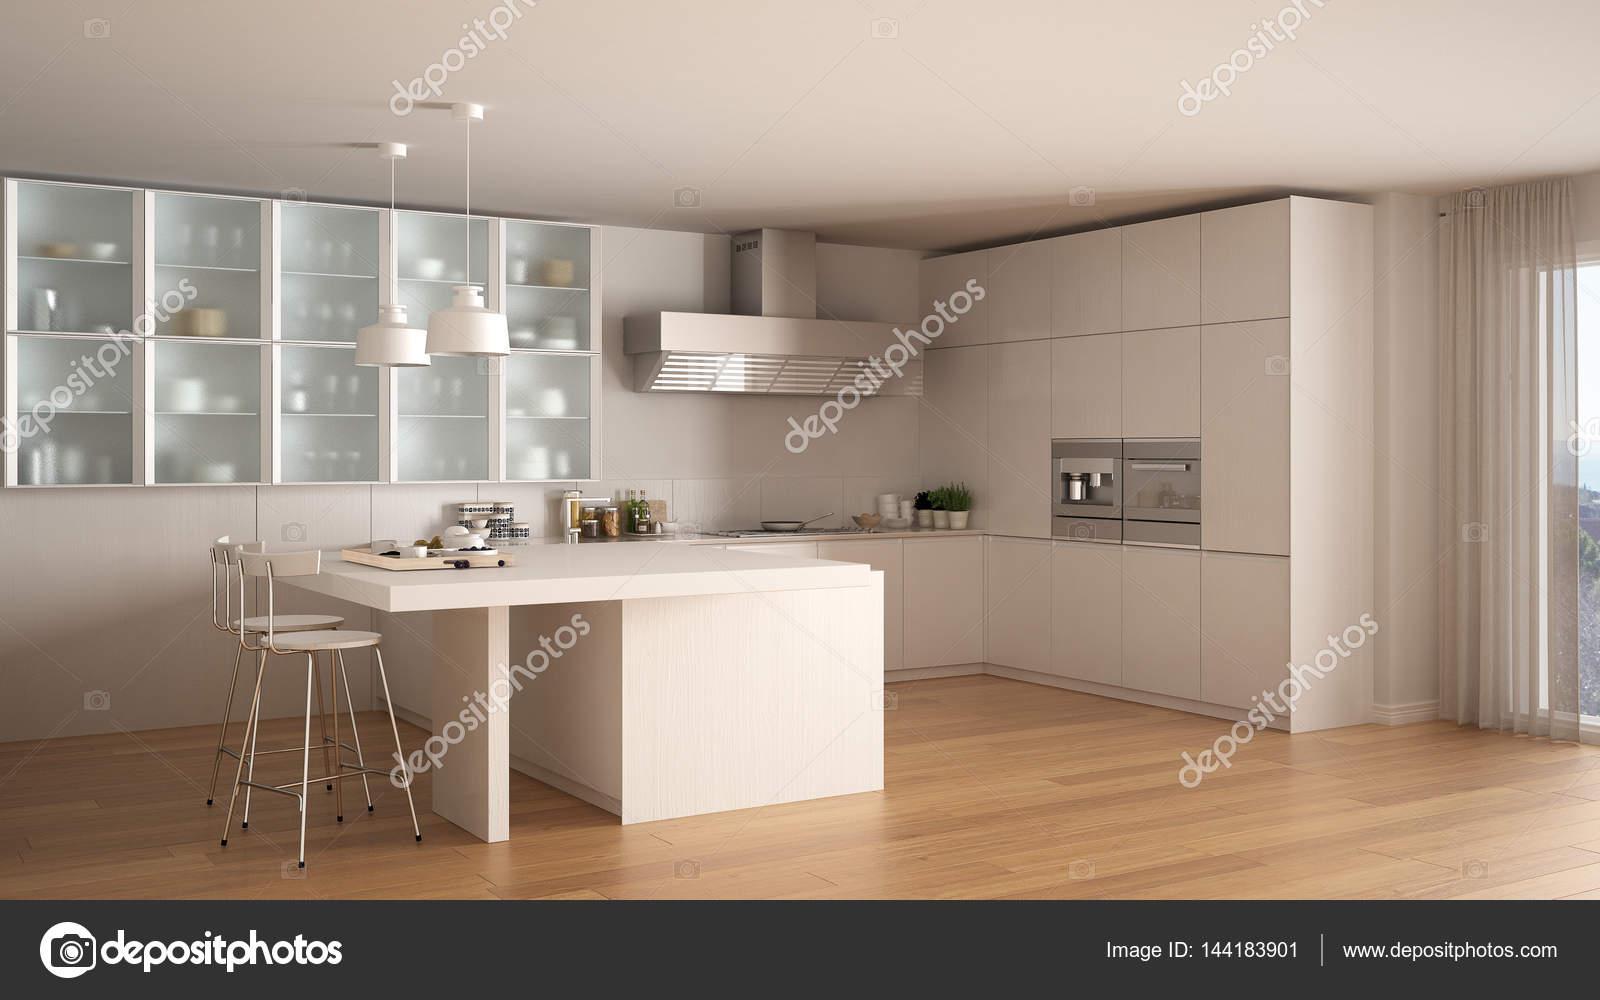 Cucina bianca minimo classico con pavimento in parquet, interio ...